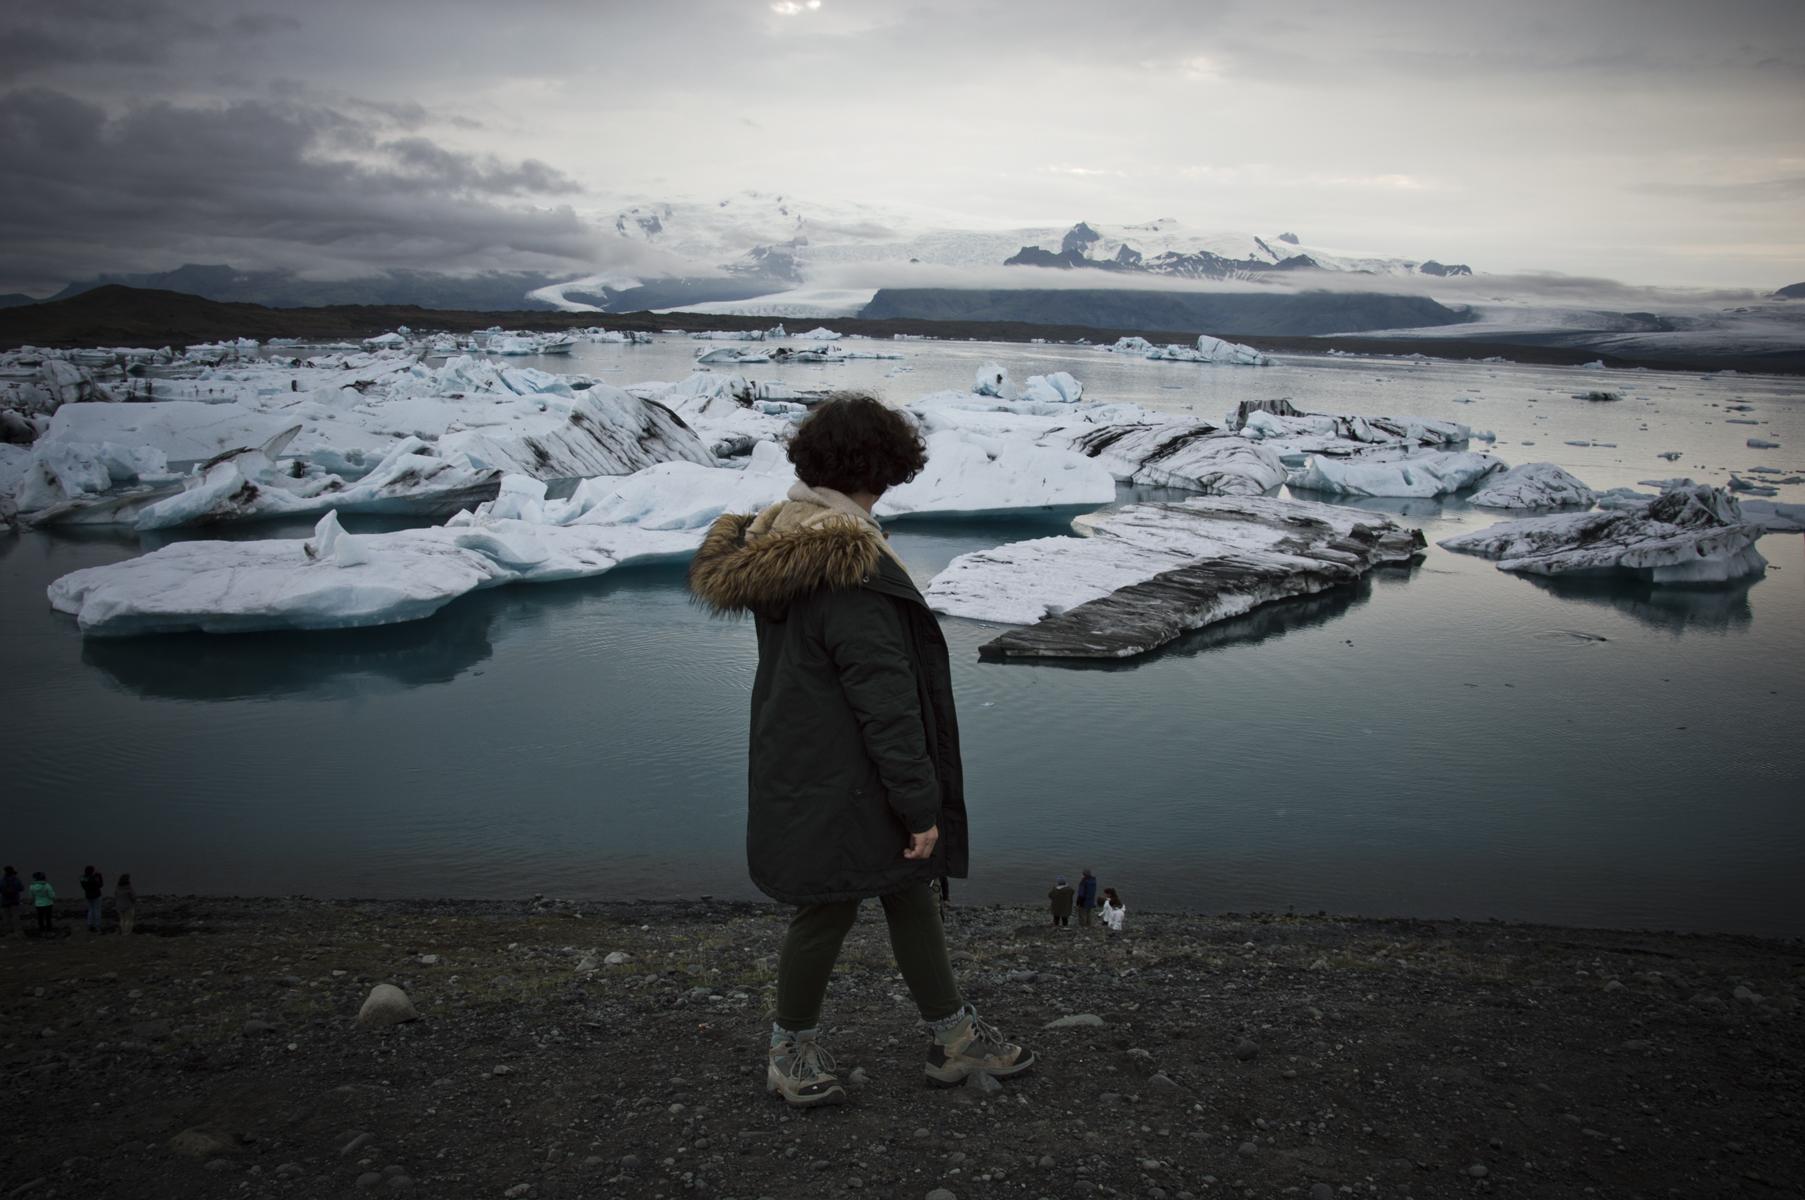 Islandia_jokursalon yo